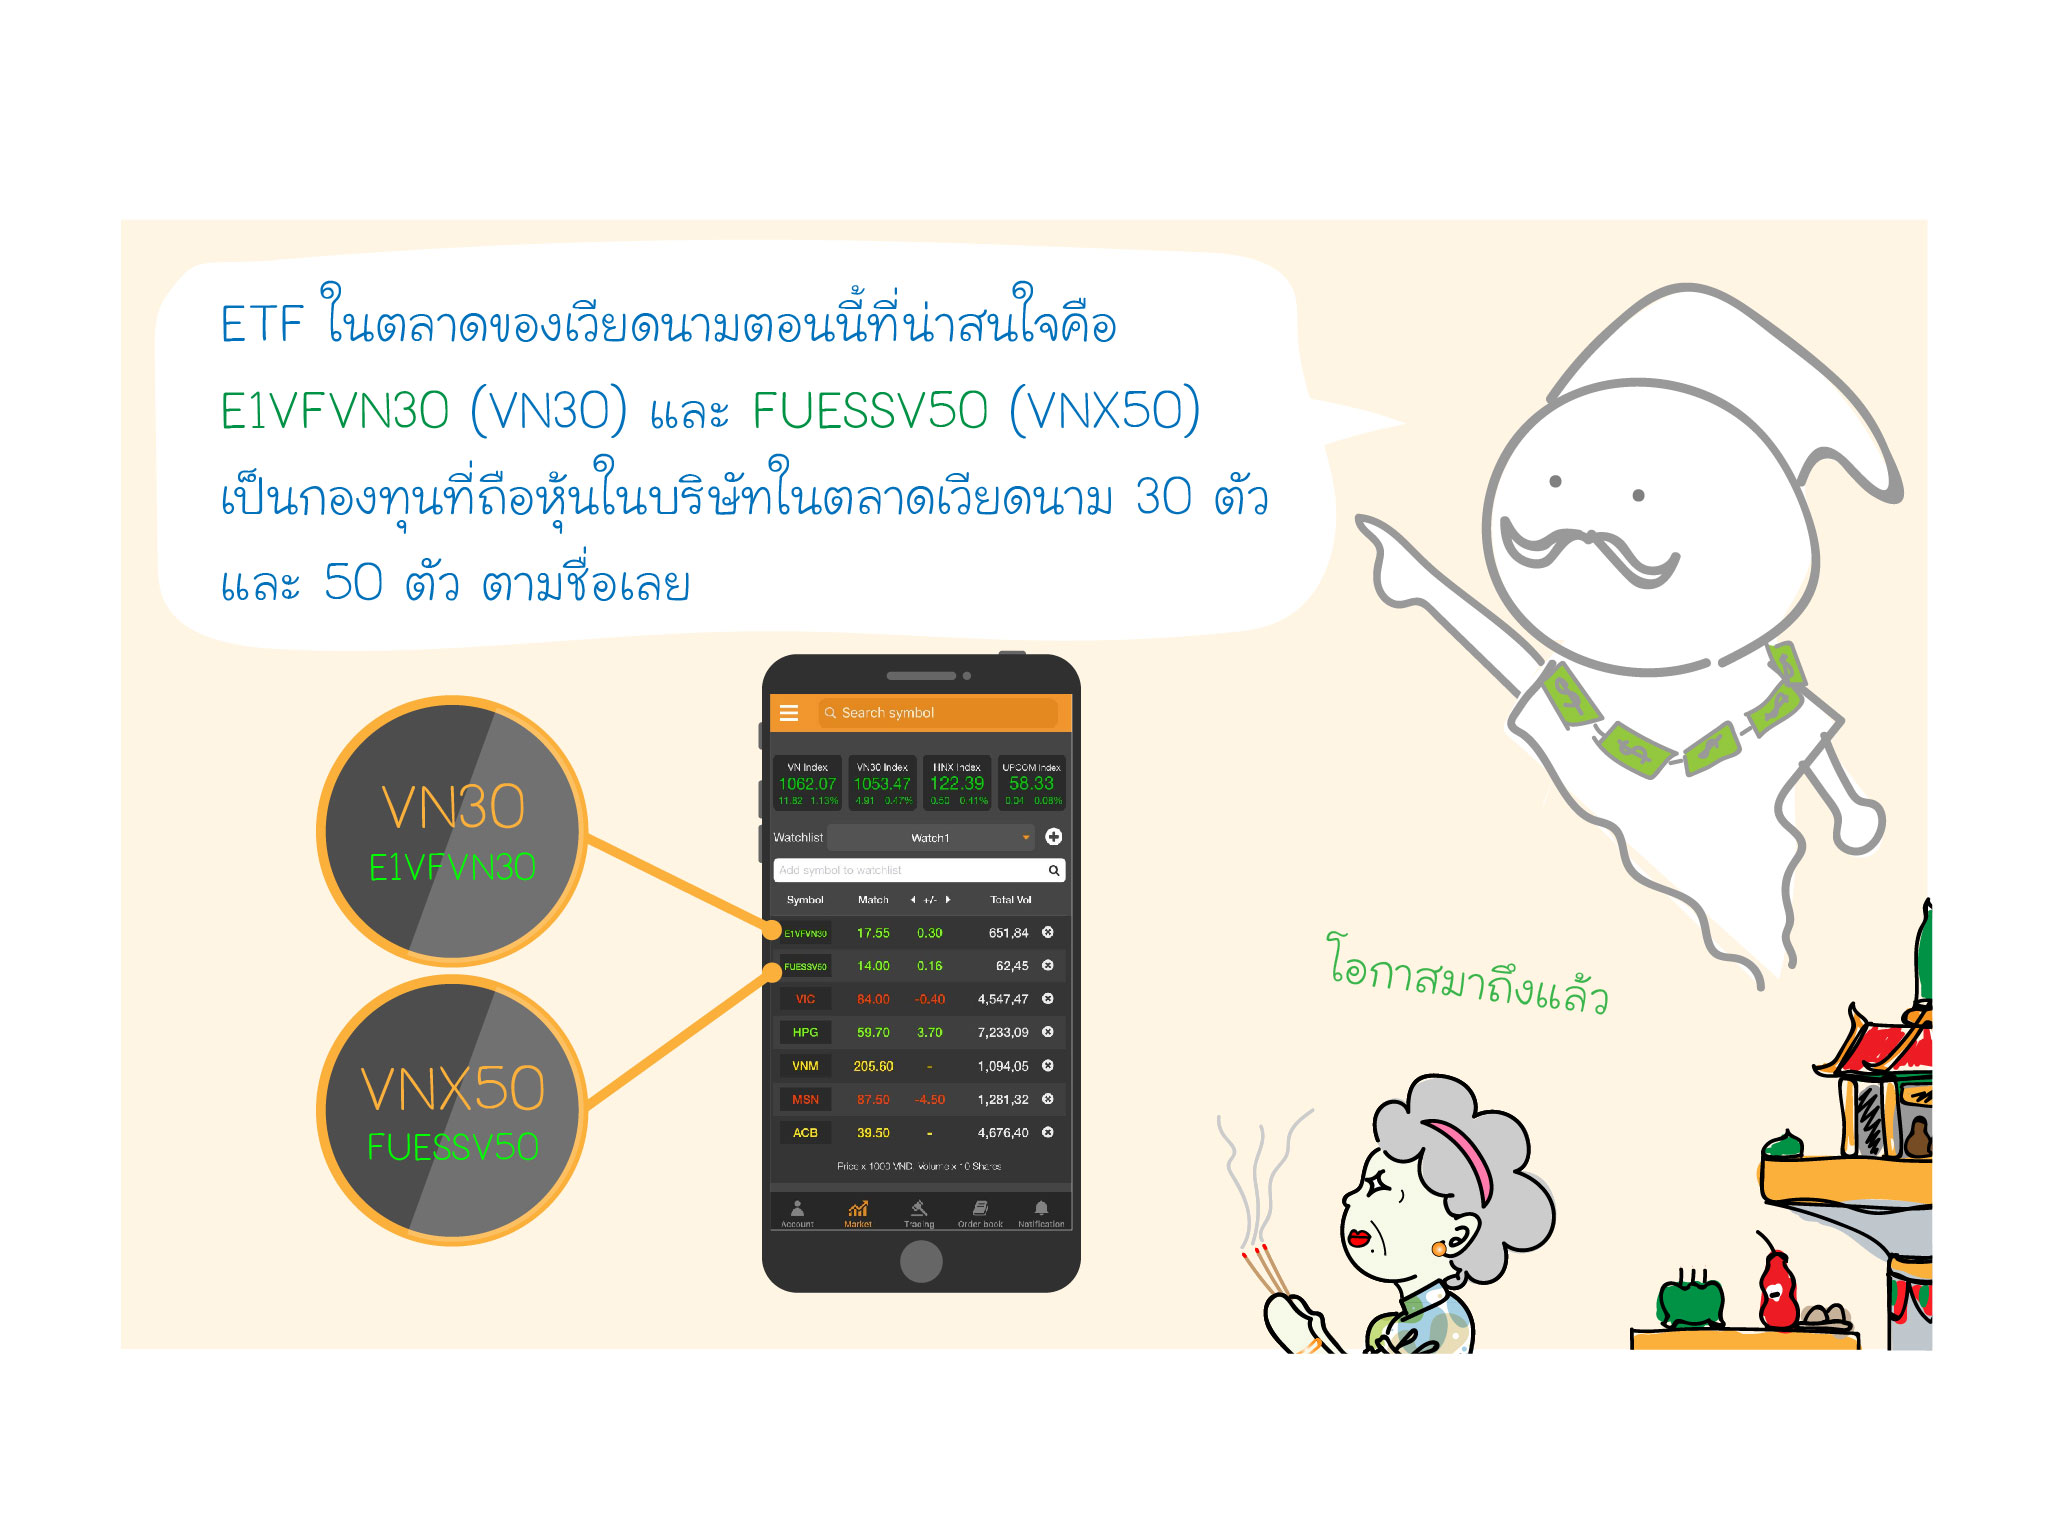 ศาลเจ้าพ่อลงทุน - FSS-VNtrade_Artboard 1 copy 14